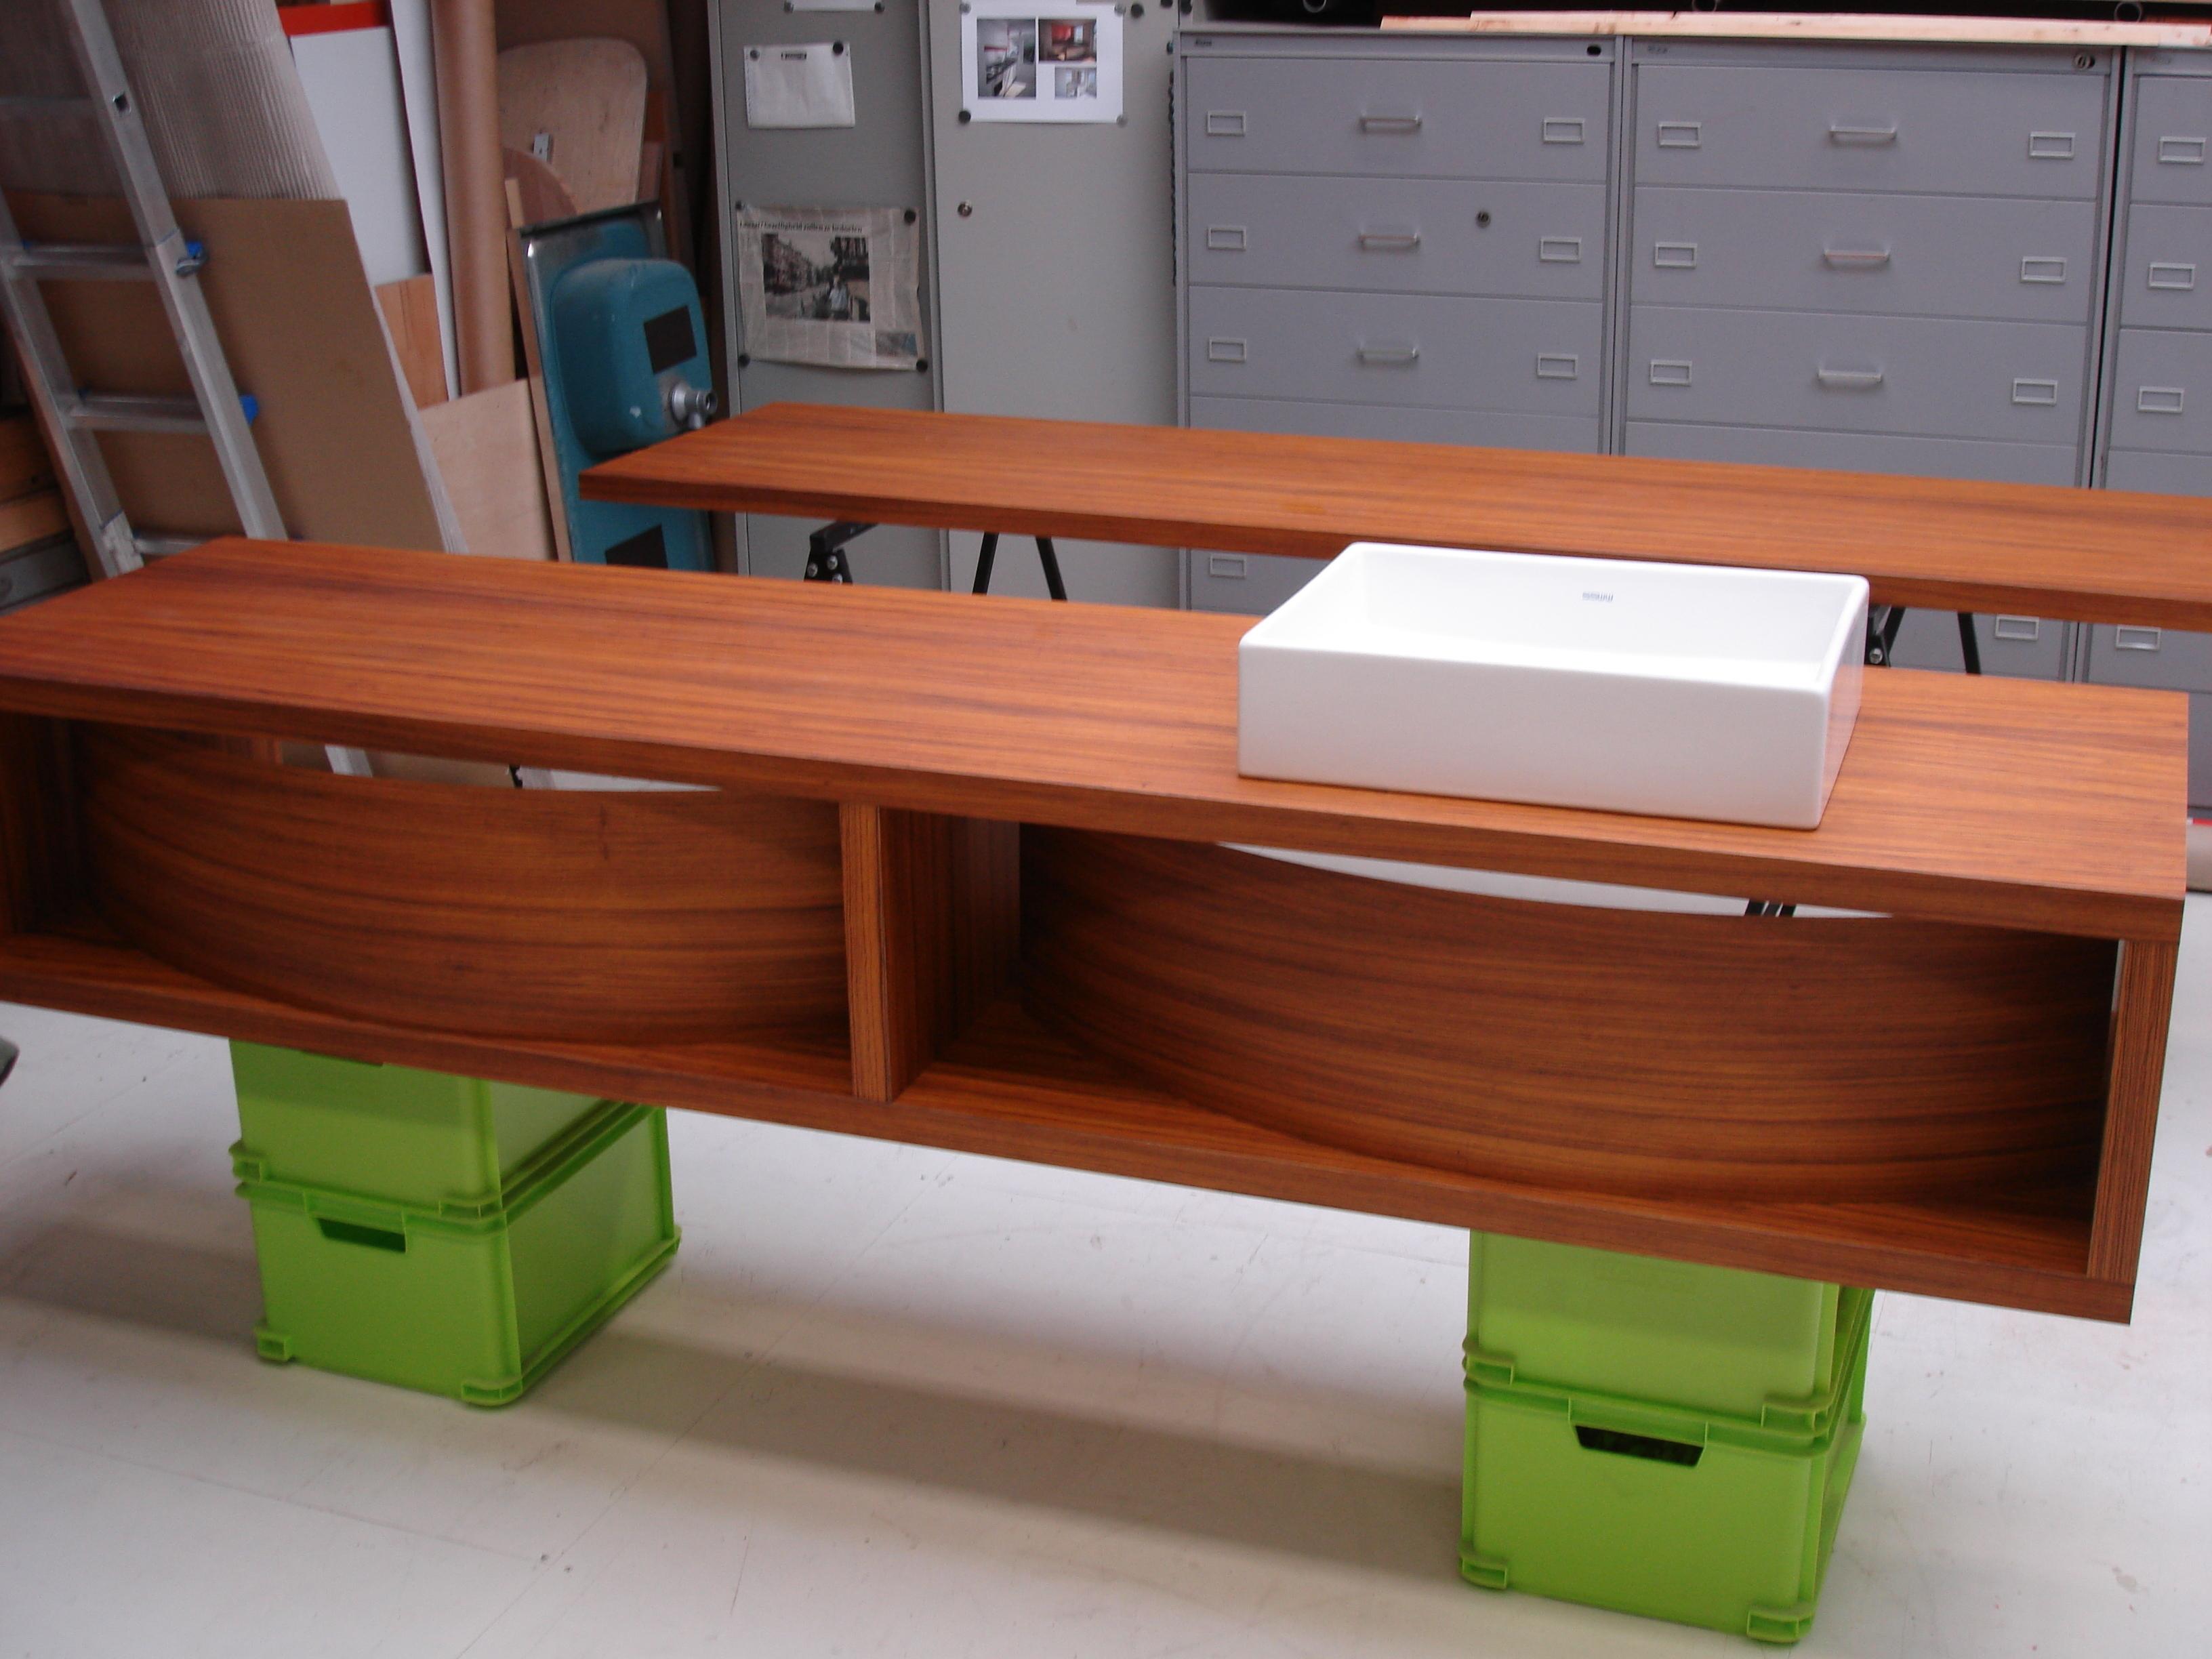 Wastafel Op Maat : Wastafel meubel op maat voordemakers